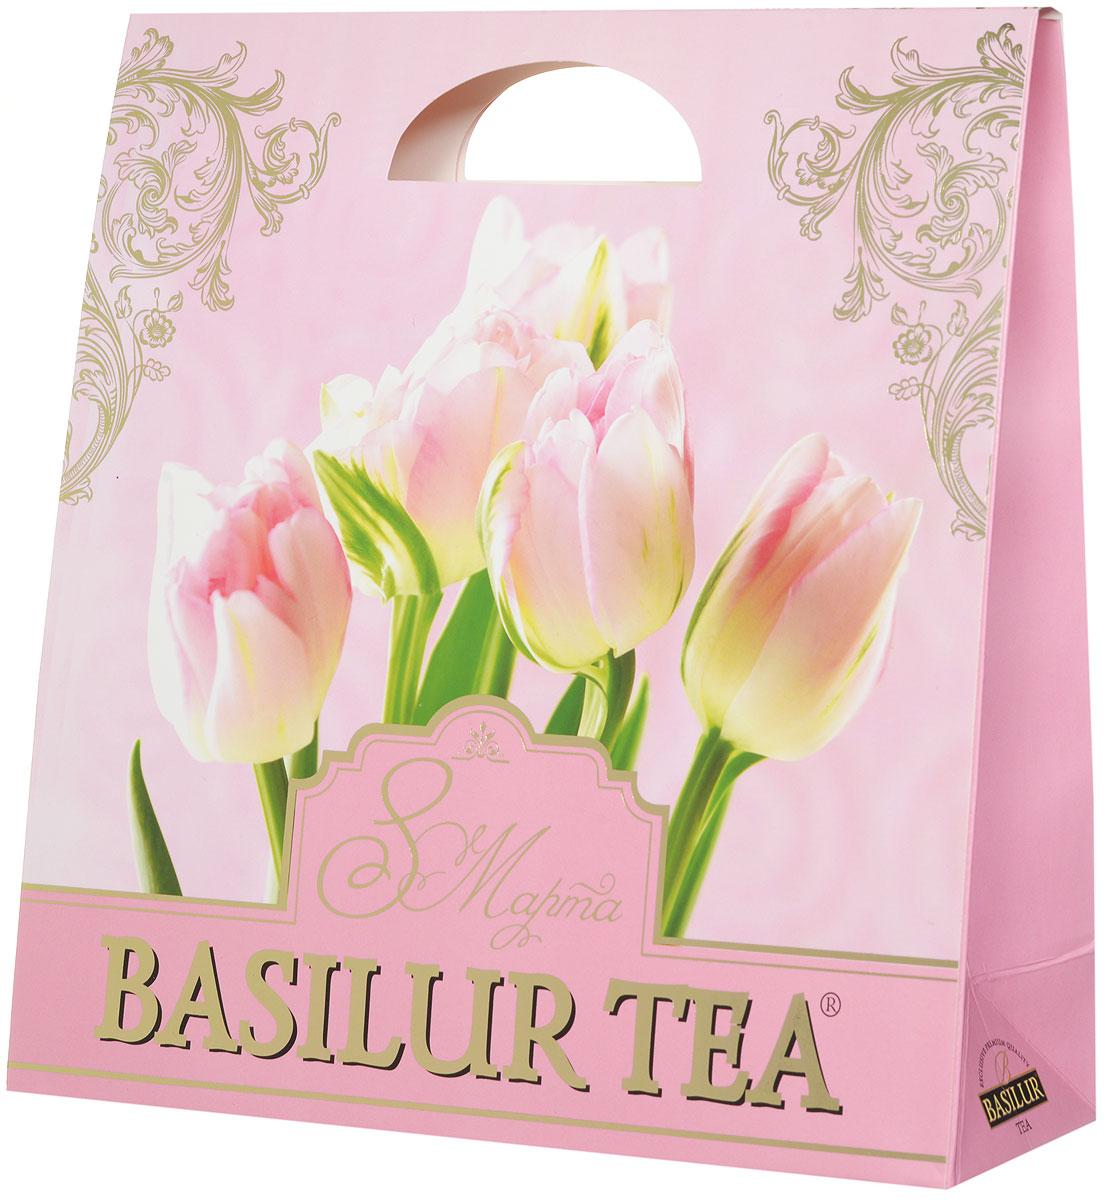 """Basilur Подарочный набор """"Нежный"""" зеленый ягодный чай """"Париж"""" и салфетка для дома в подарок, 100 г 10046-00"""